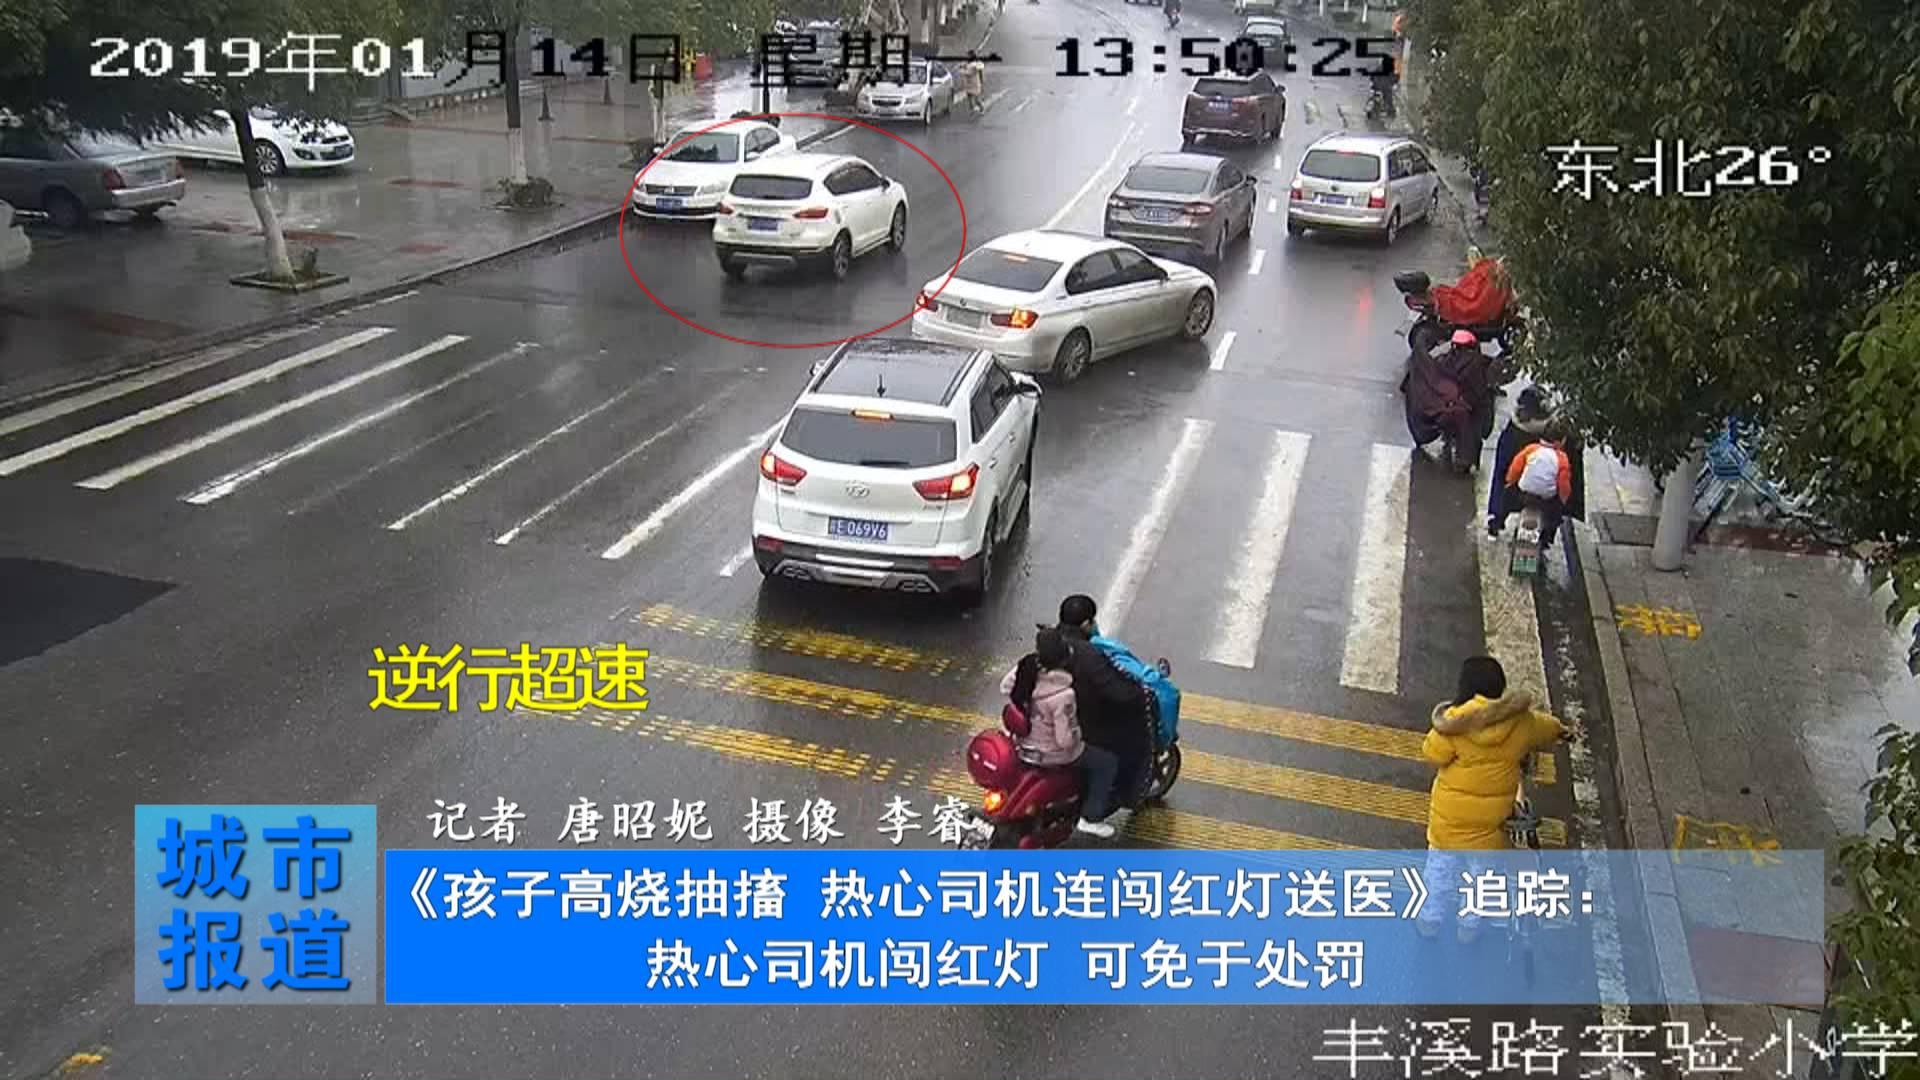 《孩子高烧抽搐 热心司机连闯红灯送医 》追踪: 热心司机闯红灯 可免于处罚